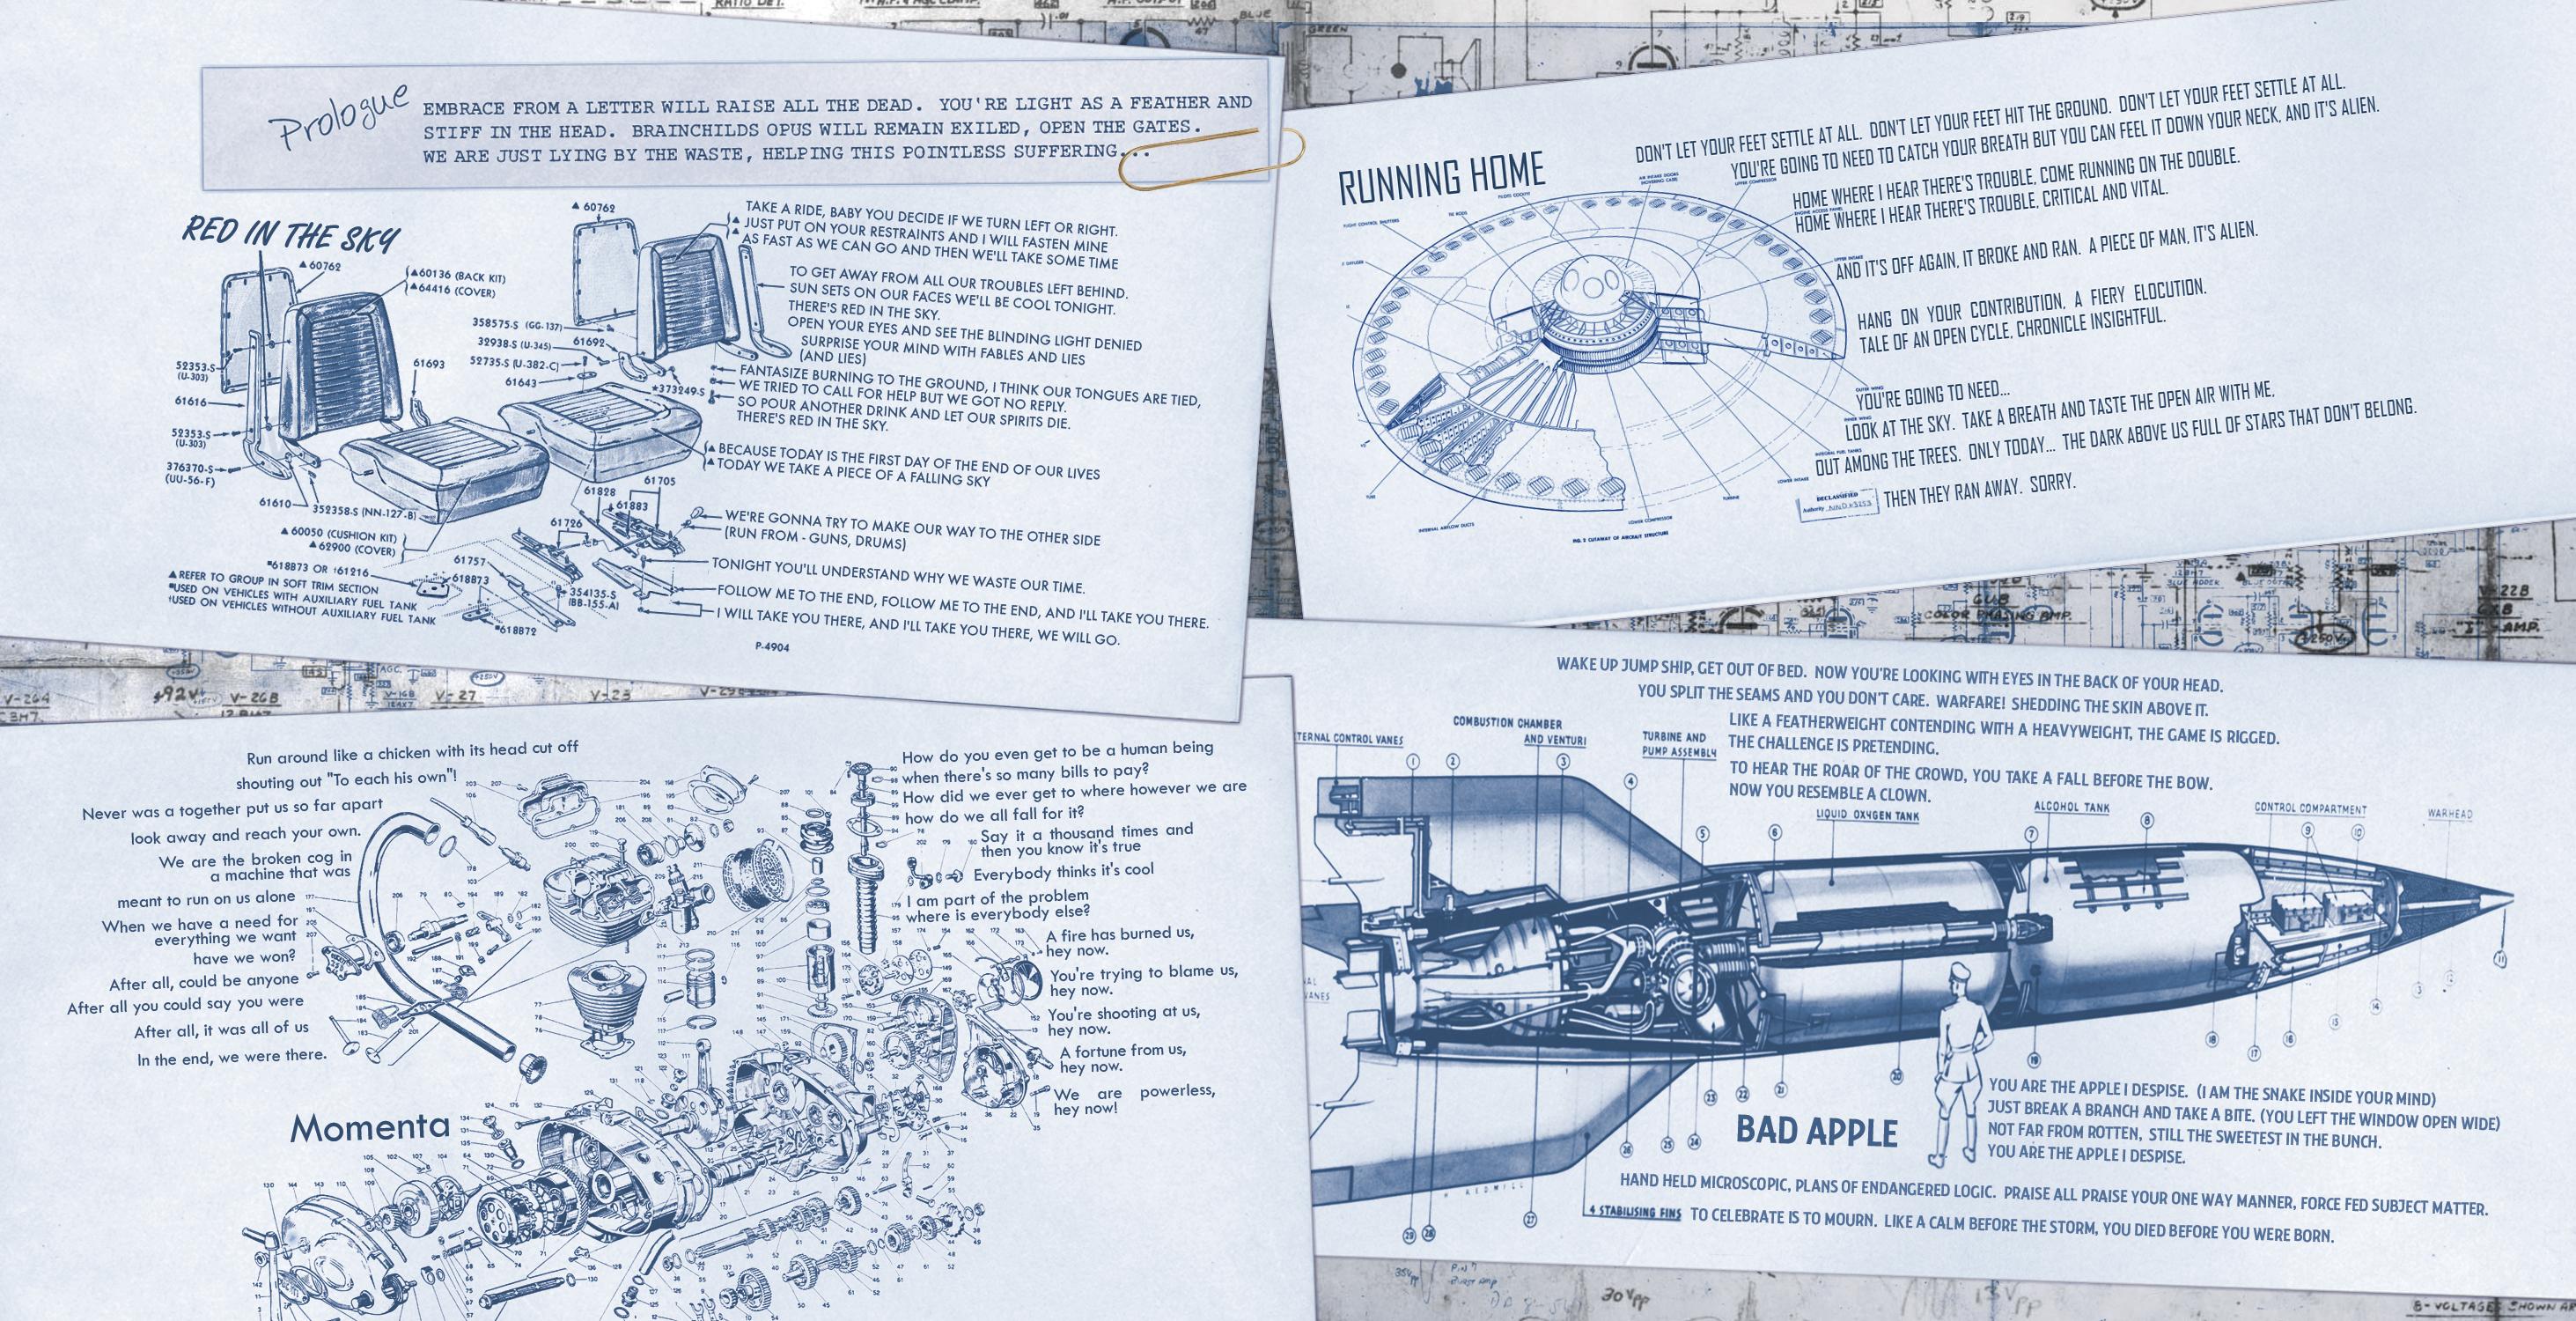 schemata-insert-page-1-2